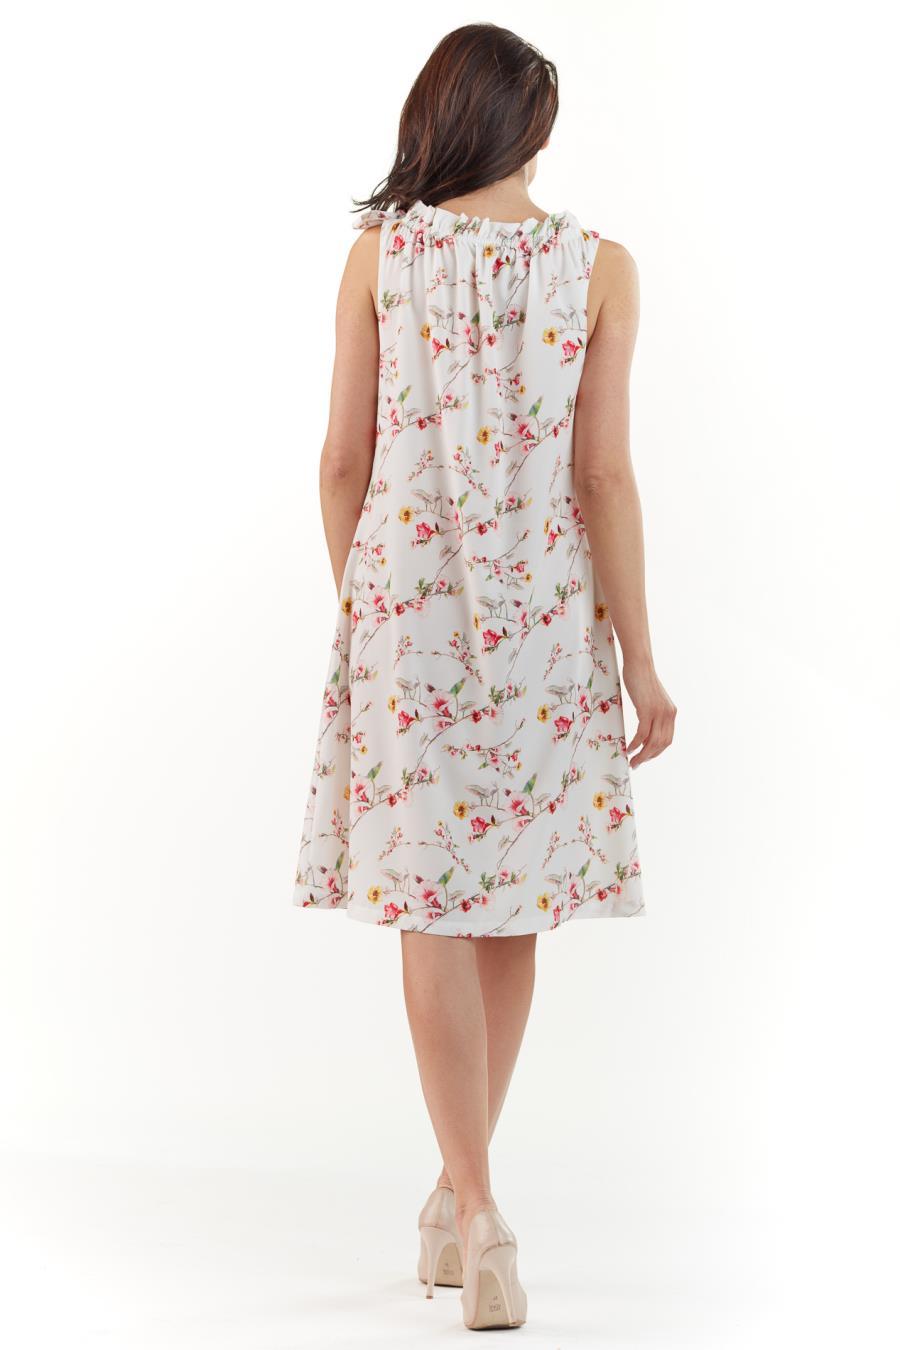 183e49fe66 Luźna Letnia Sukienka Ecru w Kwiaty AW224. Producent  Awama